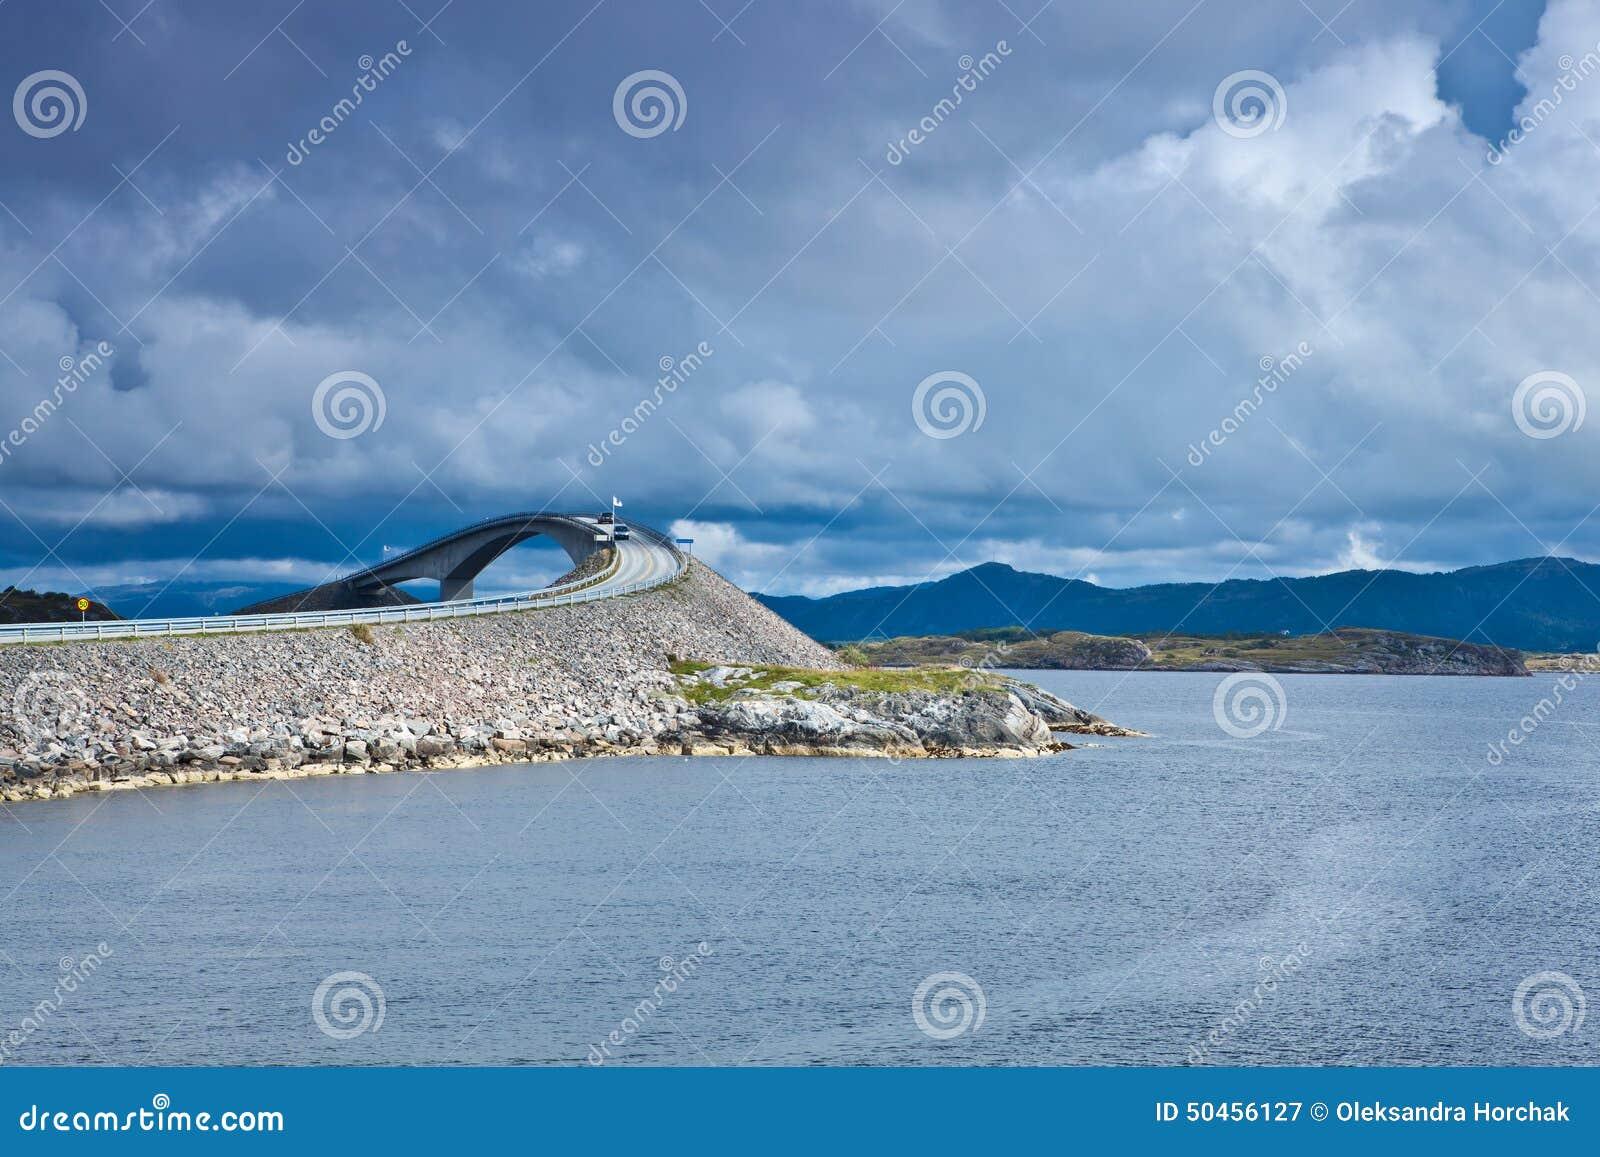 Noorwegen - Atlanterhavsvegen